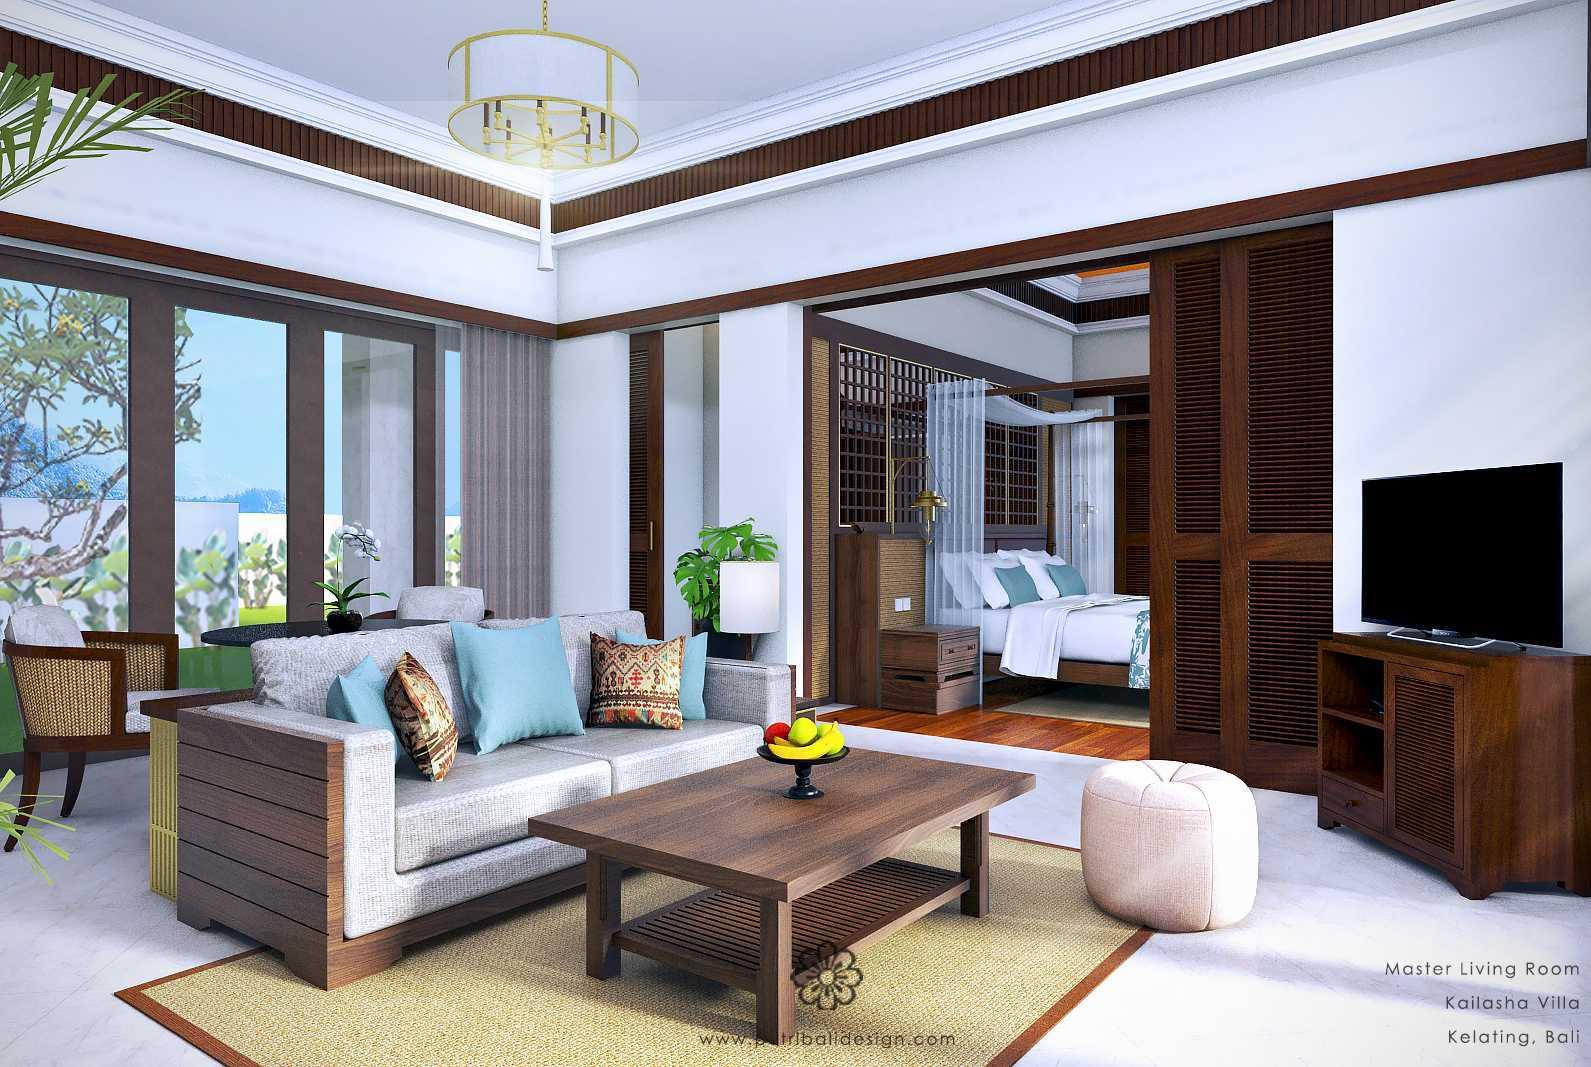 Putri Bali Design Kailasha Villa Kabupaten Tabanan, Bali, Indonesia Kabupaten Tabanan, Bali, Indonesia Putri-Bali-Design-Kailasha-Villa  86470